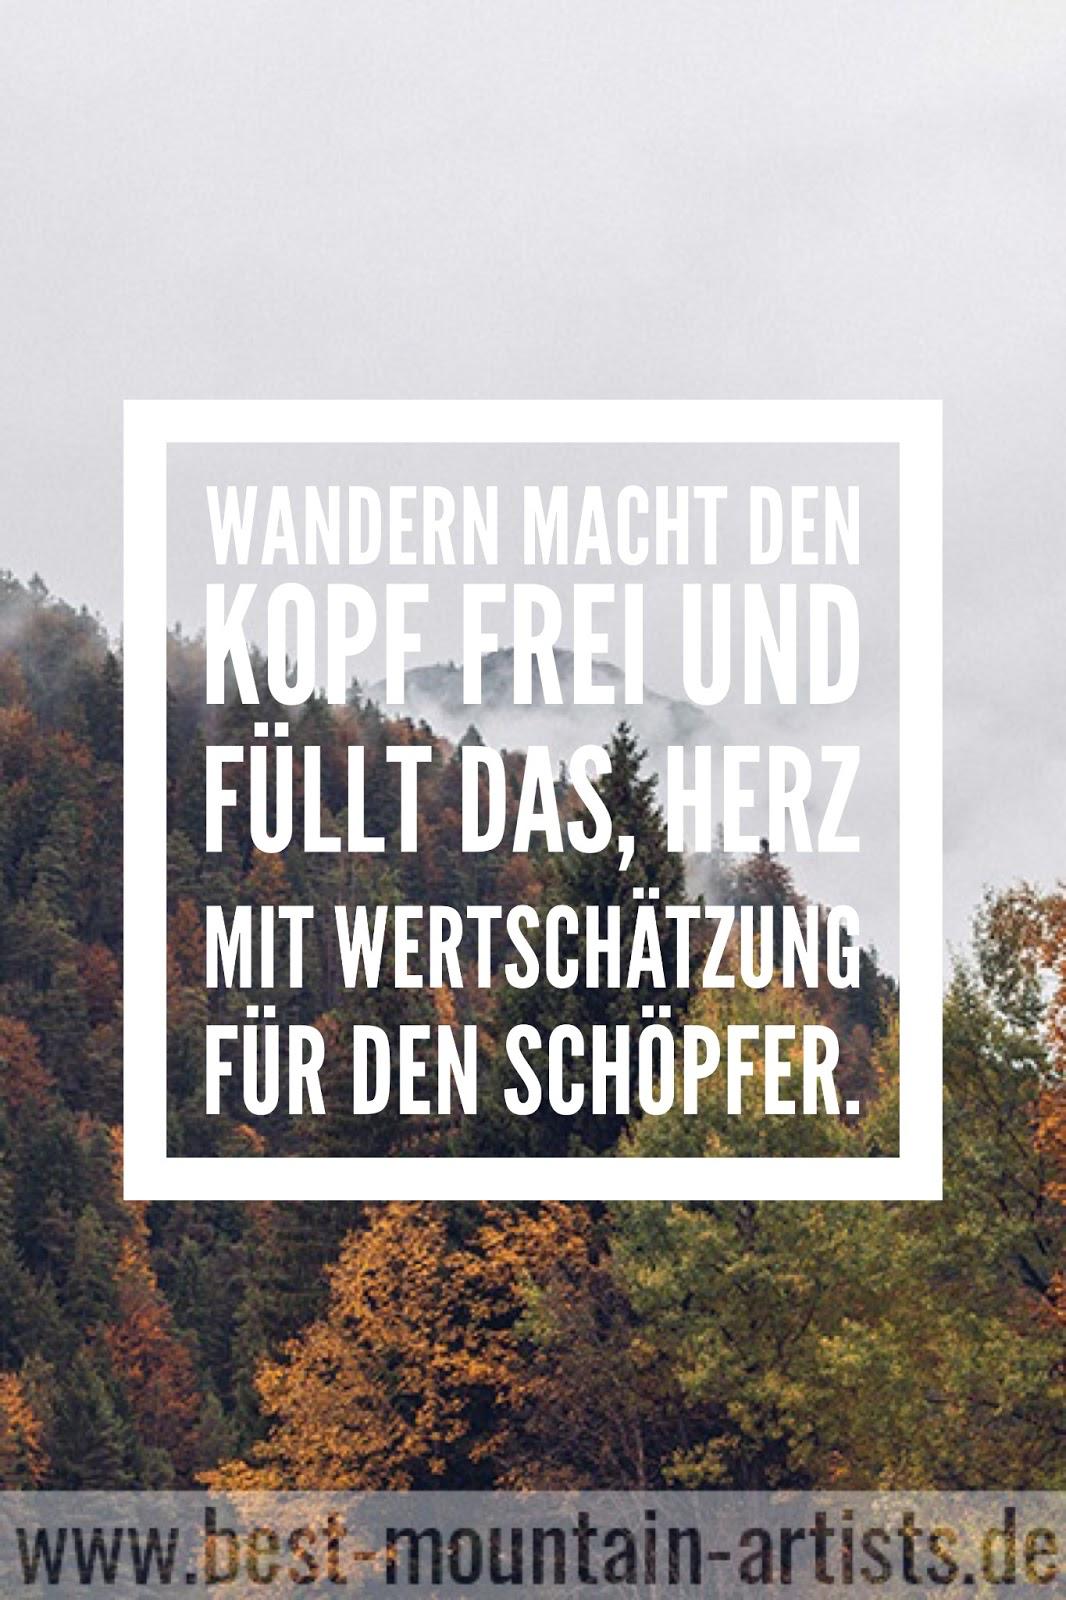 """""""Wandern macht den Kopf frei und füllt das, Herz mit Wertschätzung für den Schöpfer."""" Georg Bäcker"""